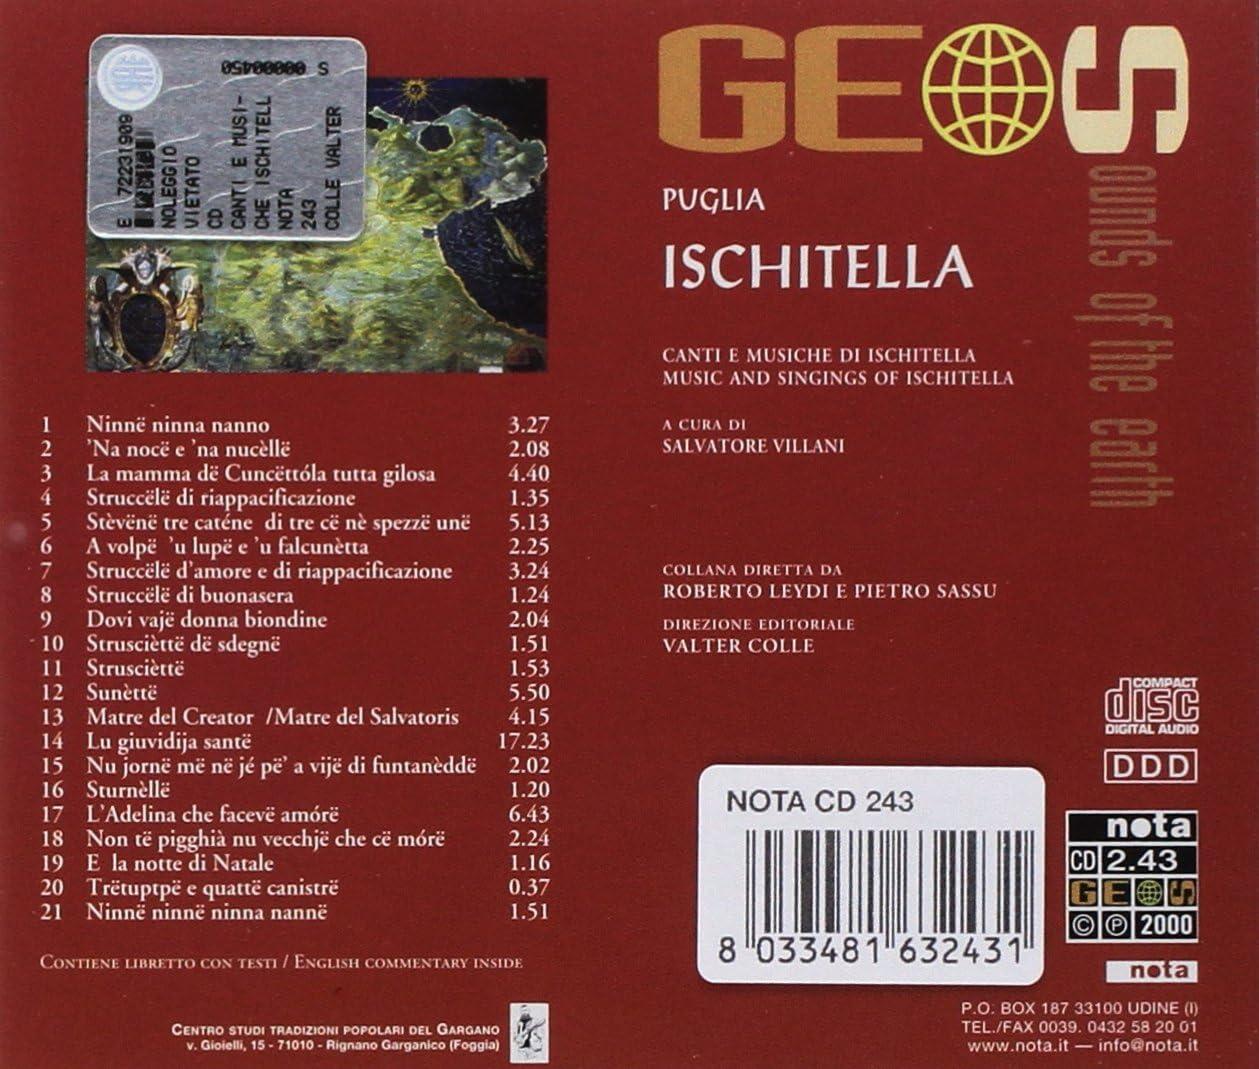 Puglia Ischitella: Canti E Musiche Di Ischitella: A Cura Di Salvatore  Villani: Amazon.it: Musica